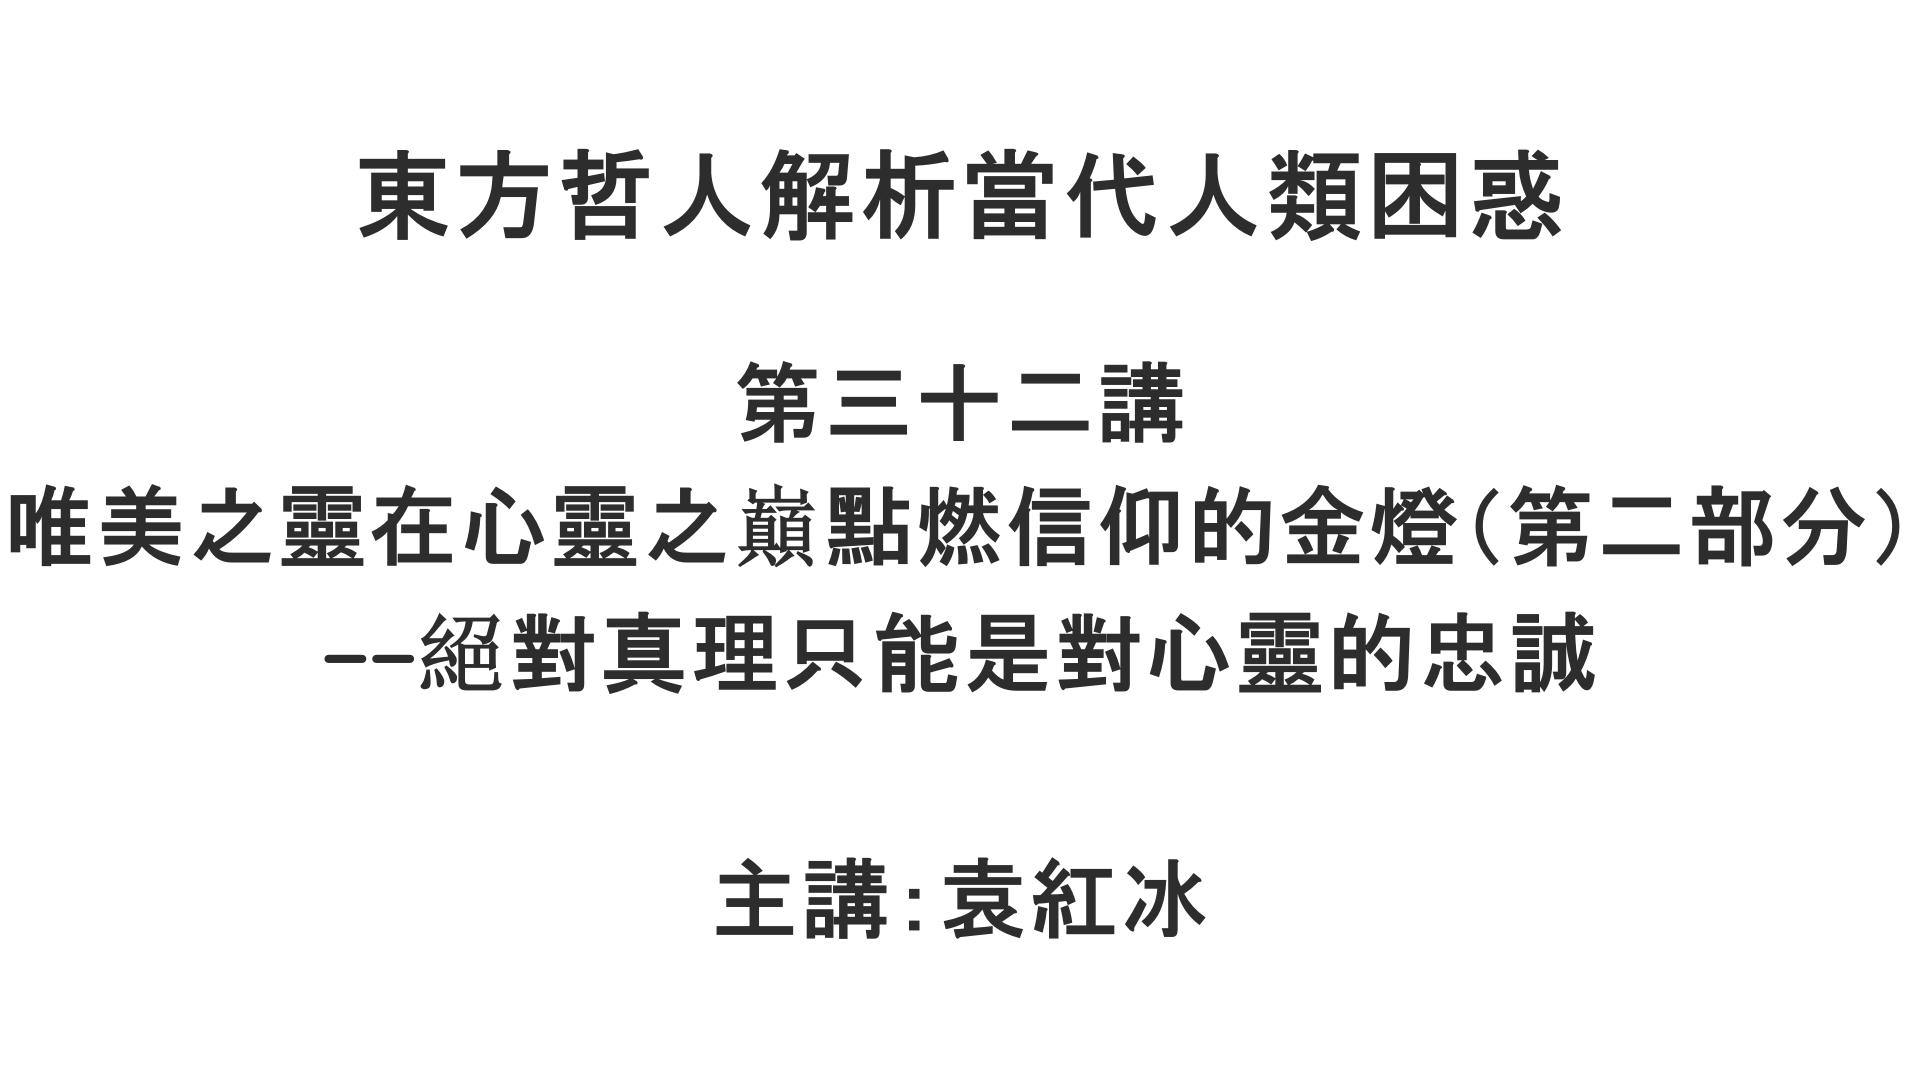 YuanHongBing-XingTan-4-32-06172021